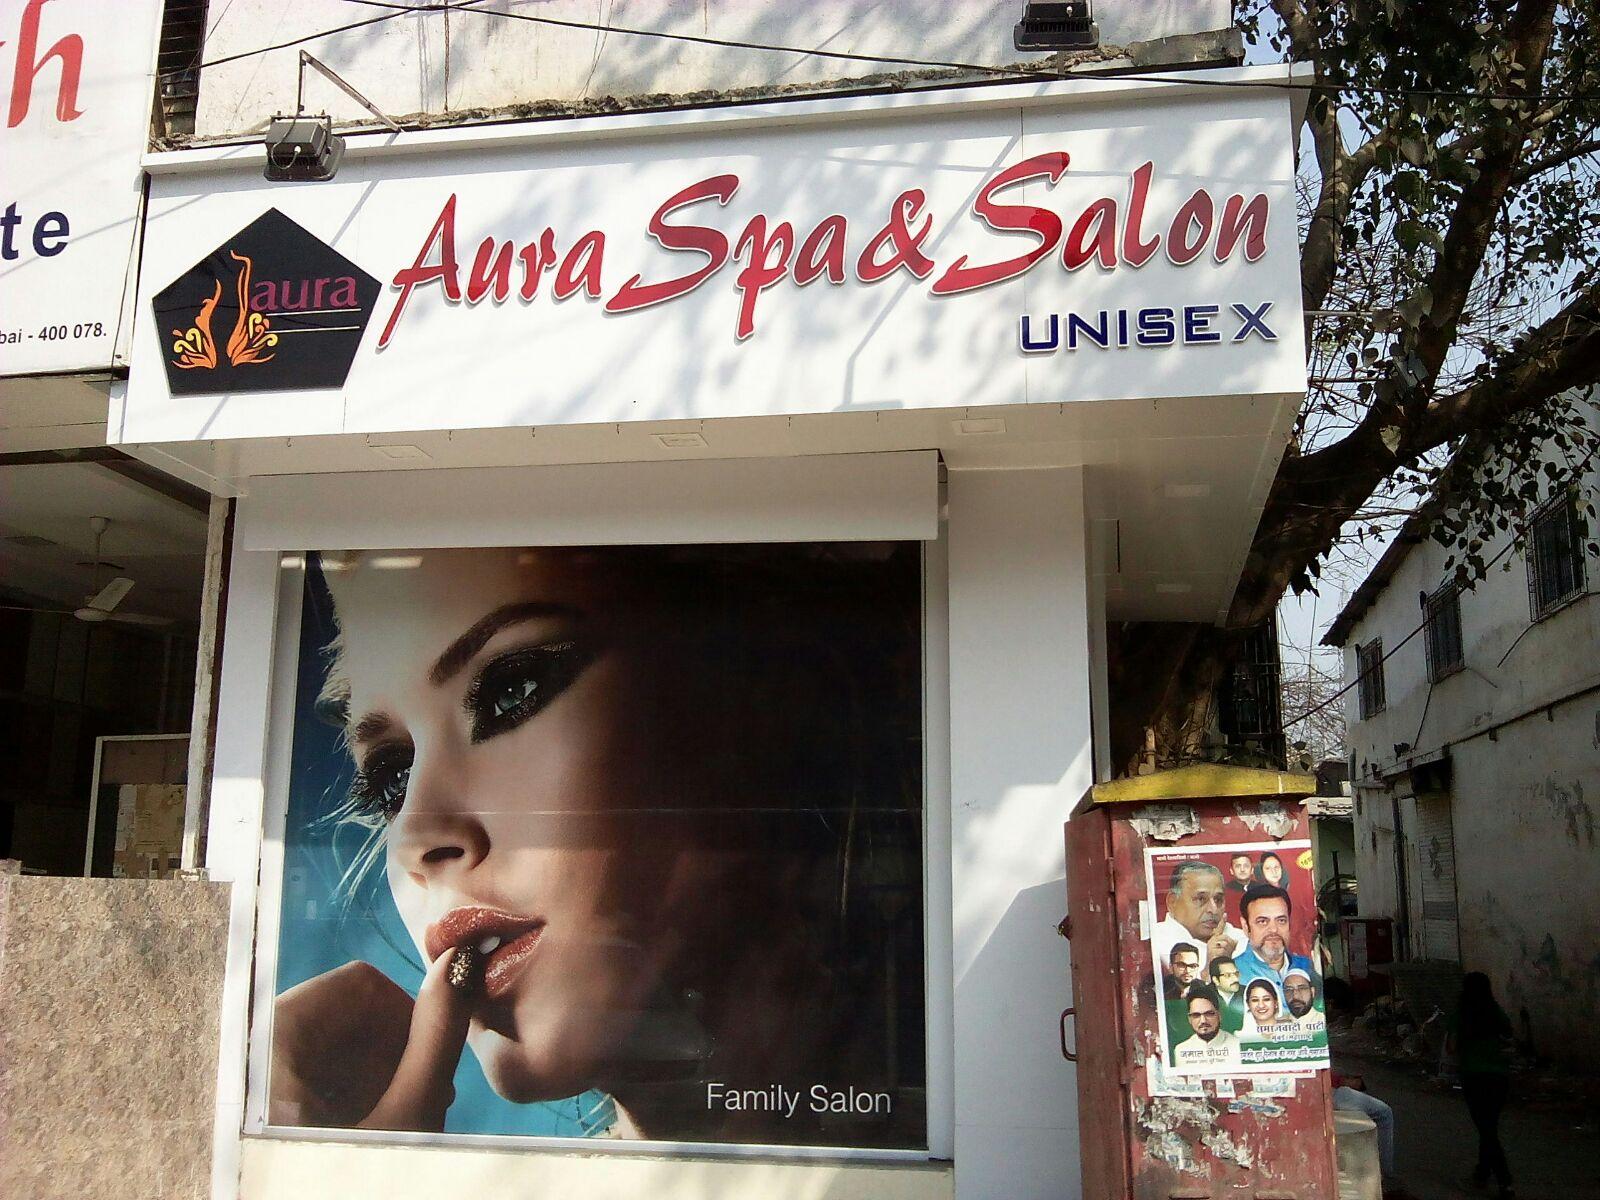 Aura Spas & Salon